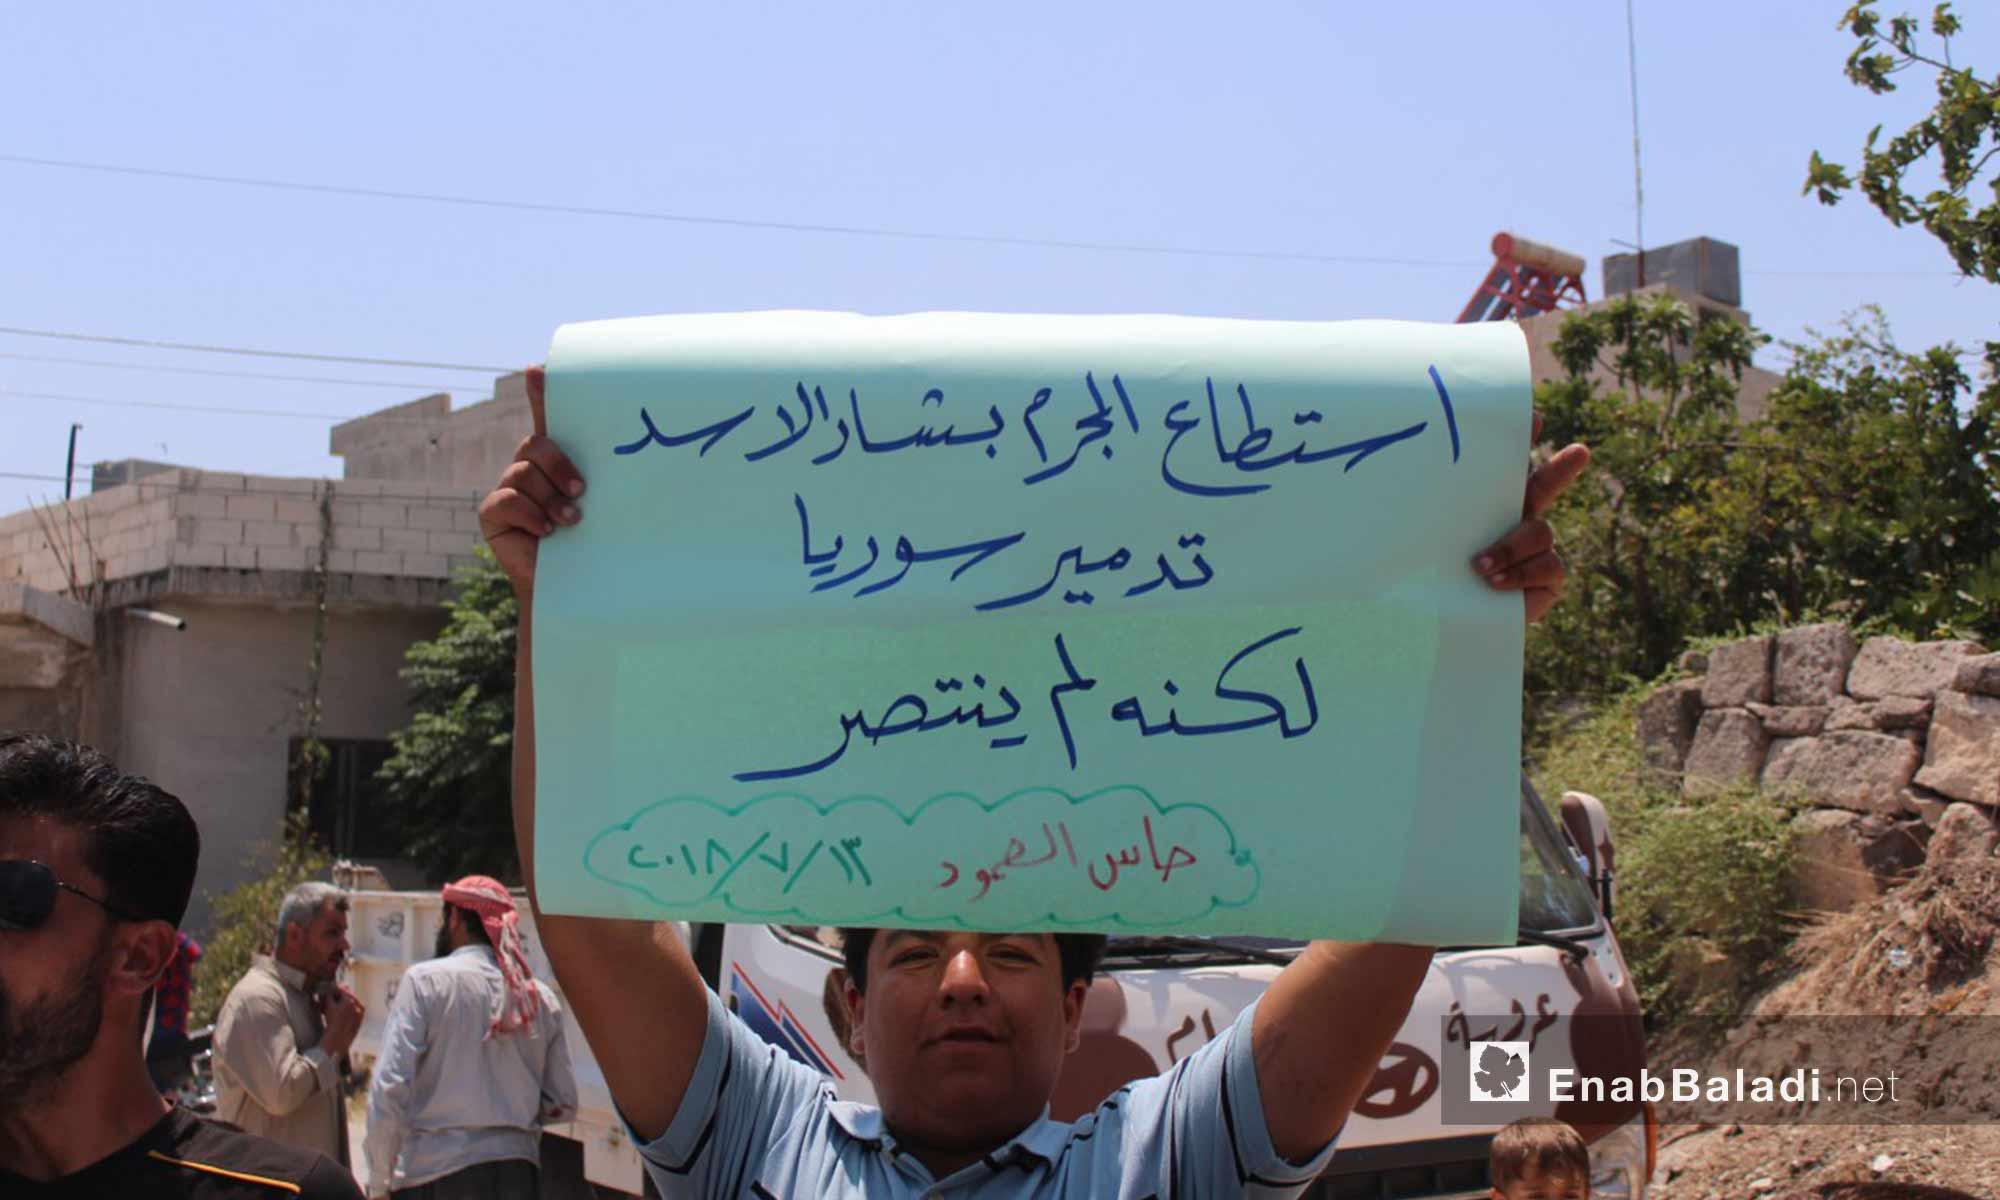 مظاهرة في بلدة حاس للمطالبة باستمرار الثورة حتى اسقاط النظام في ريف إدلب - 13 تموز 2018 (عنب بلدي)